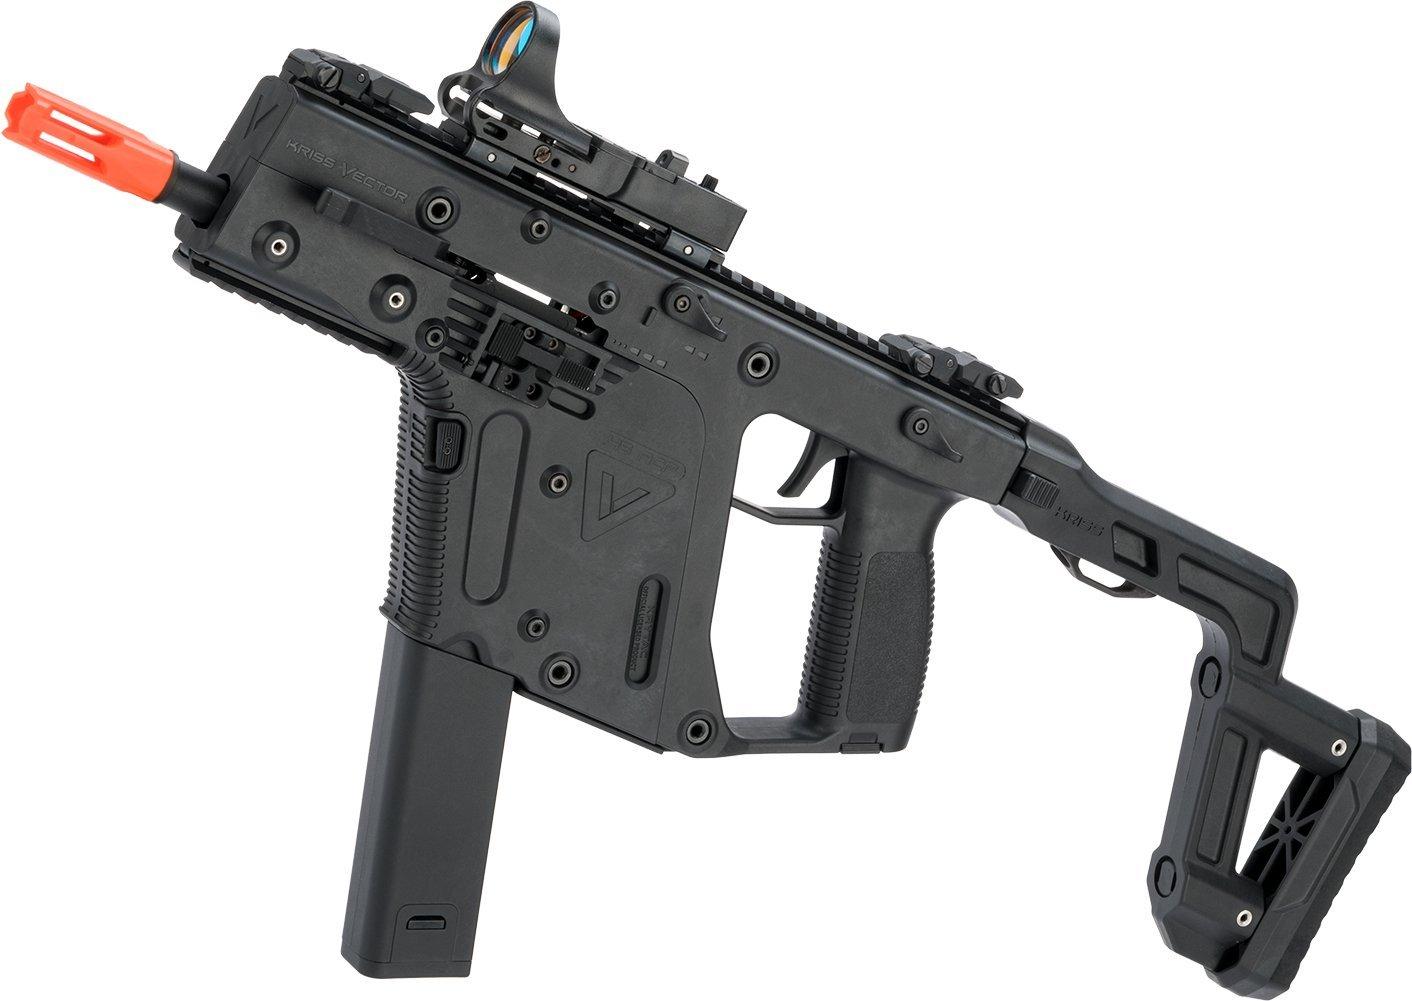 Krytac KRISS Vector AEG airsoft rifle